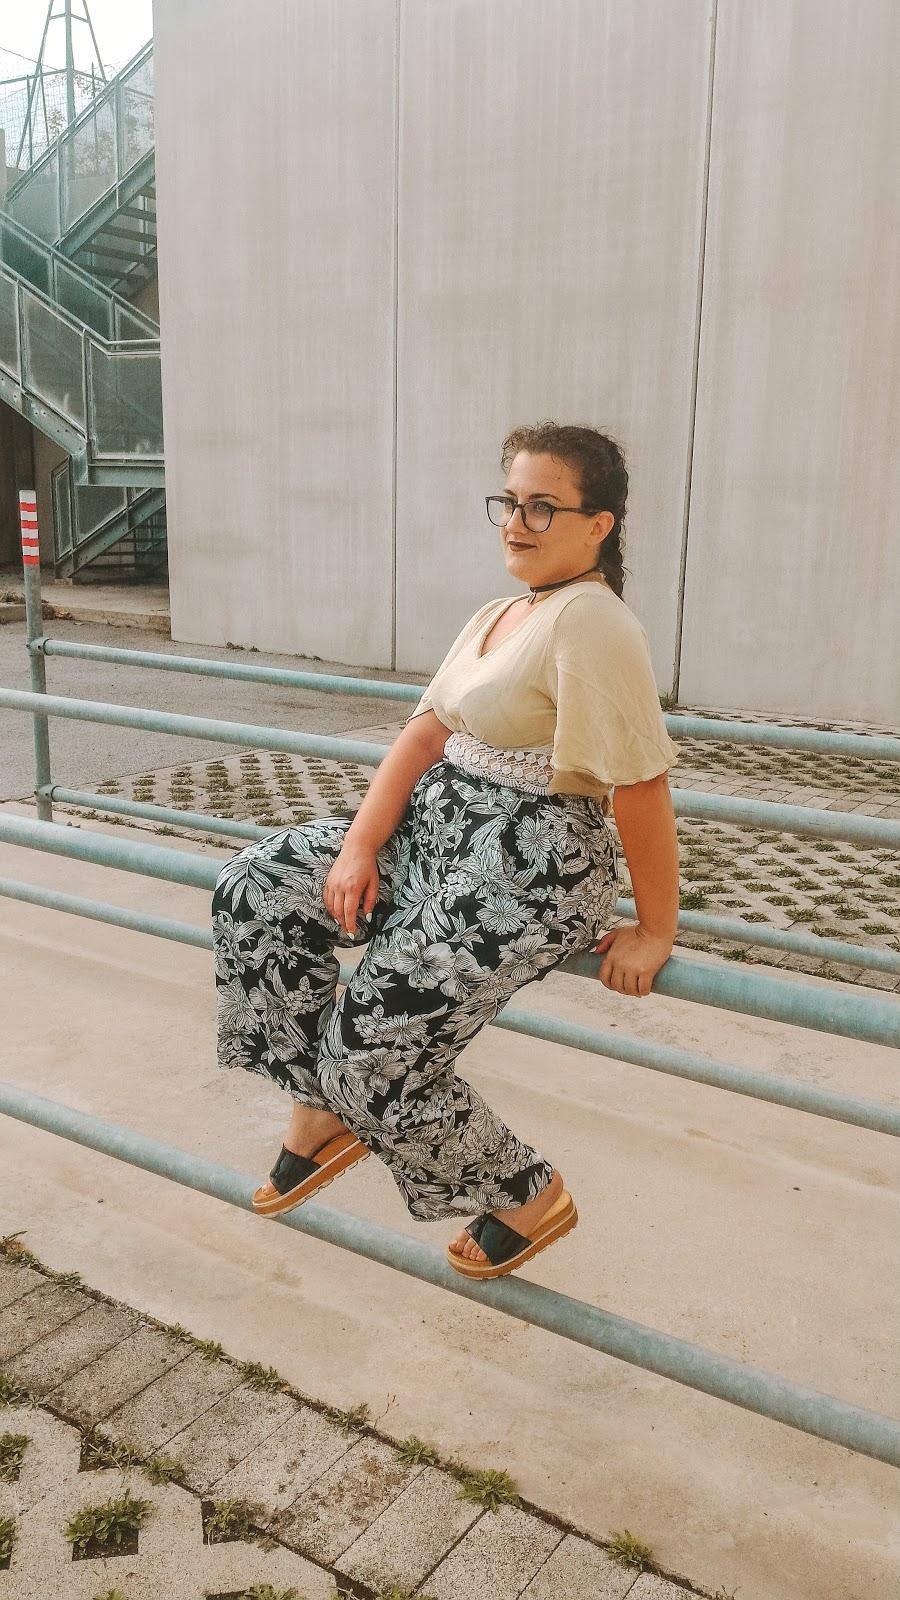 ragazza seduta che indossa un crop top giallo e dei pantaloni floreali